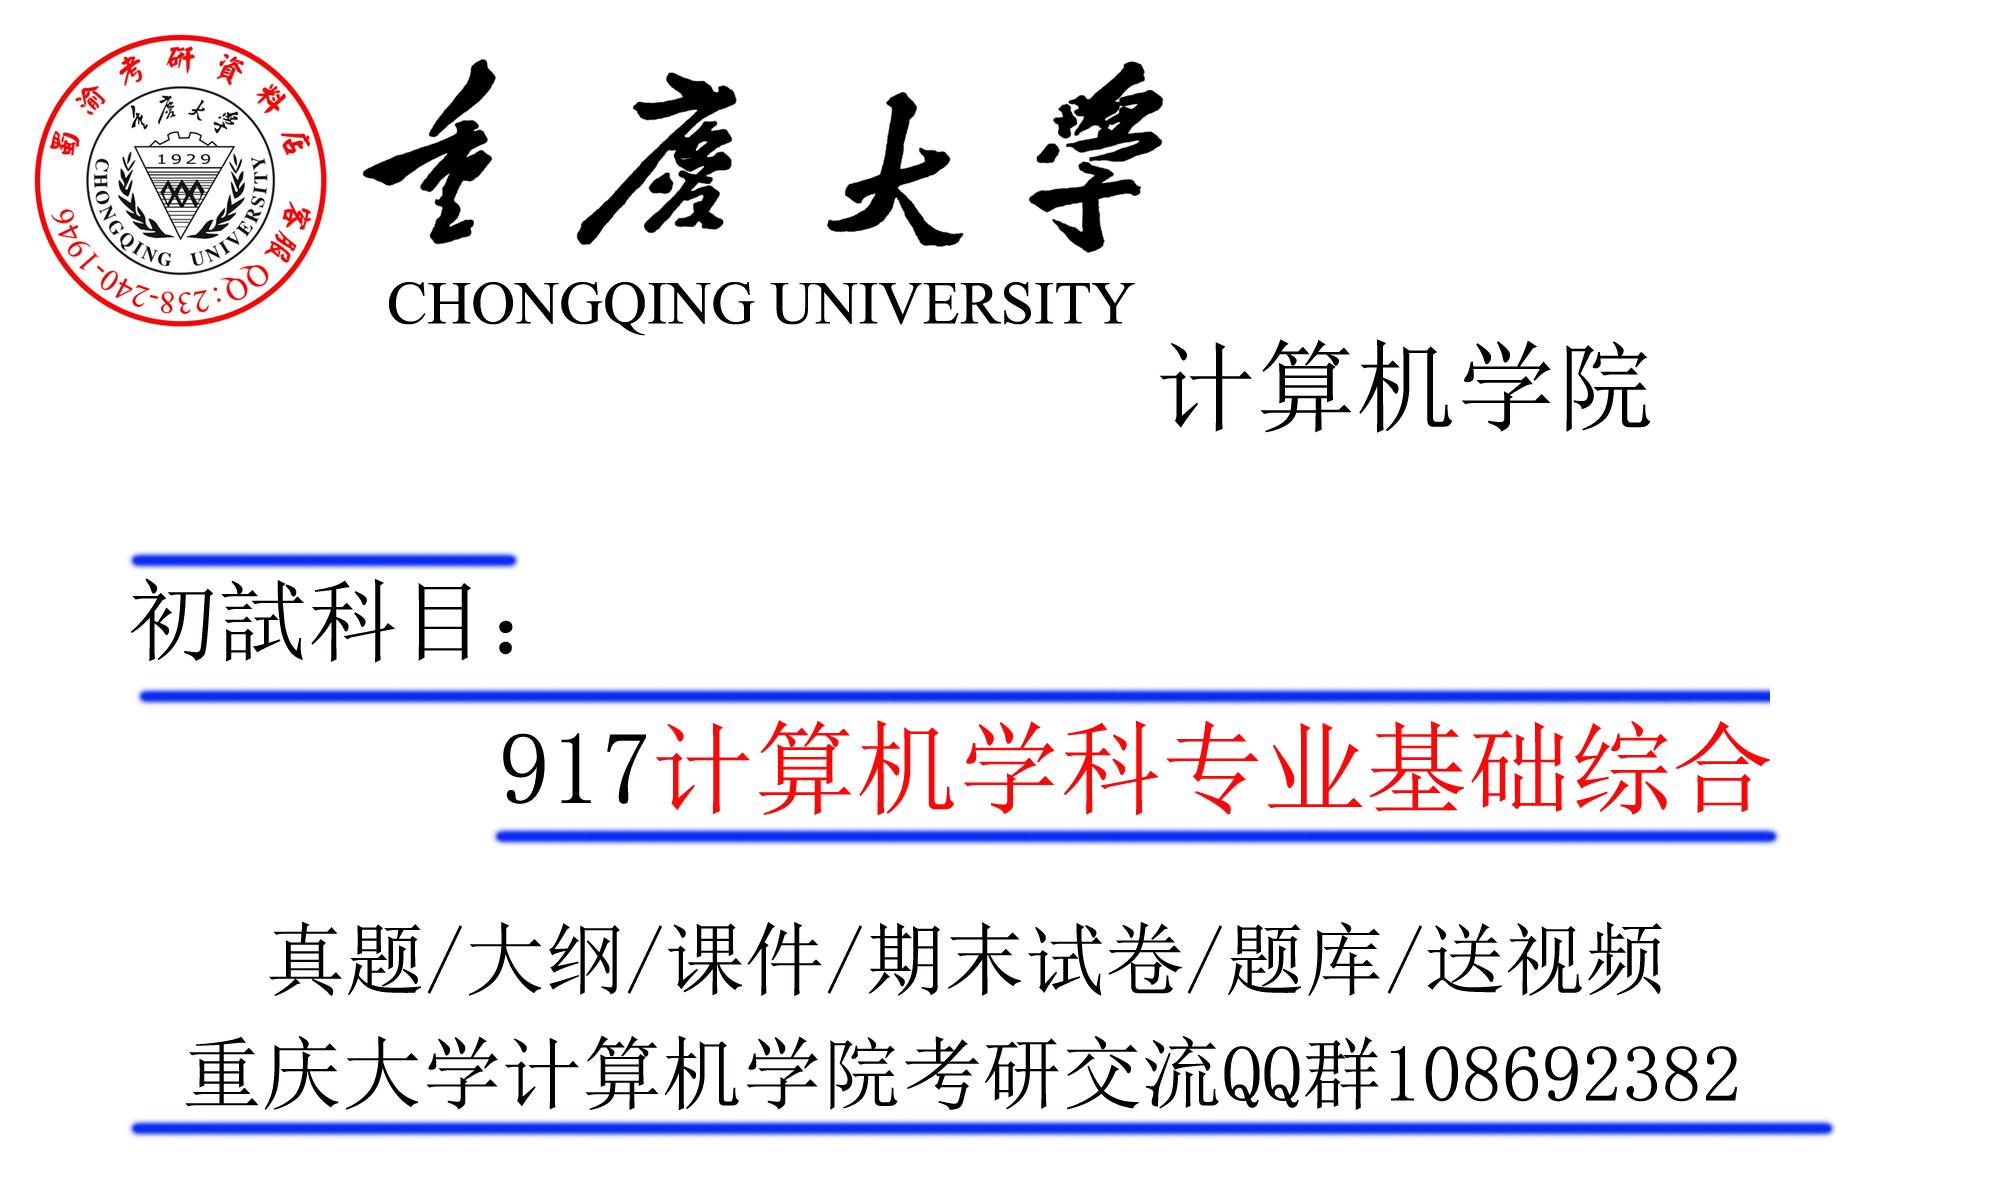 [17最新版]重庆大学917计算机学科专业基础综合考研